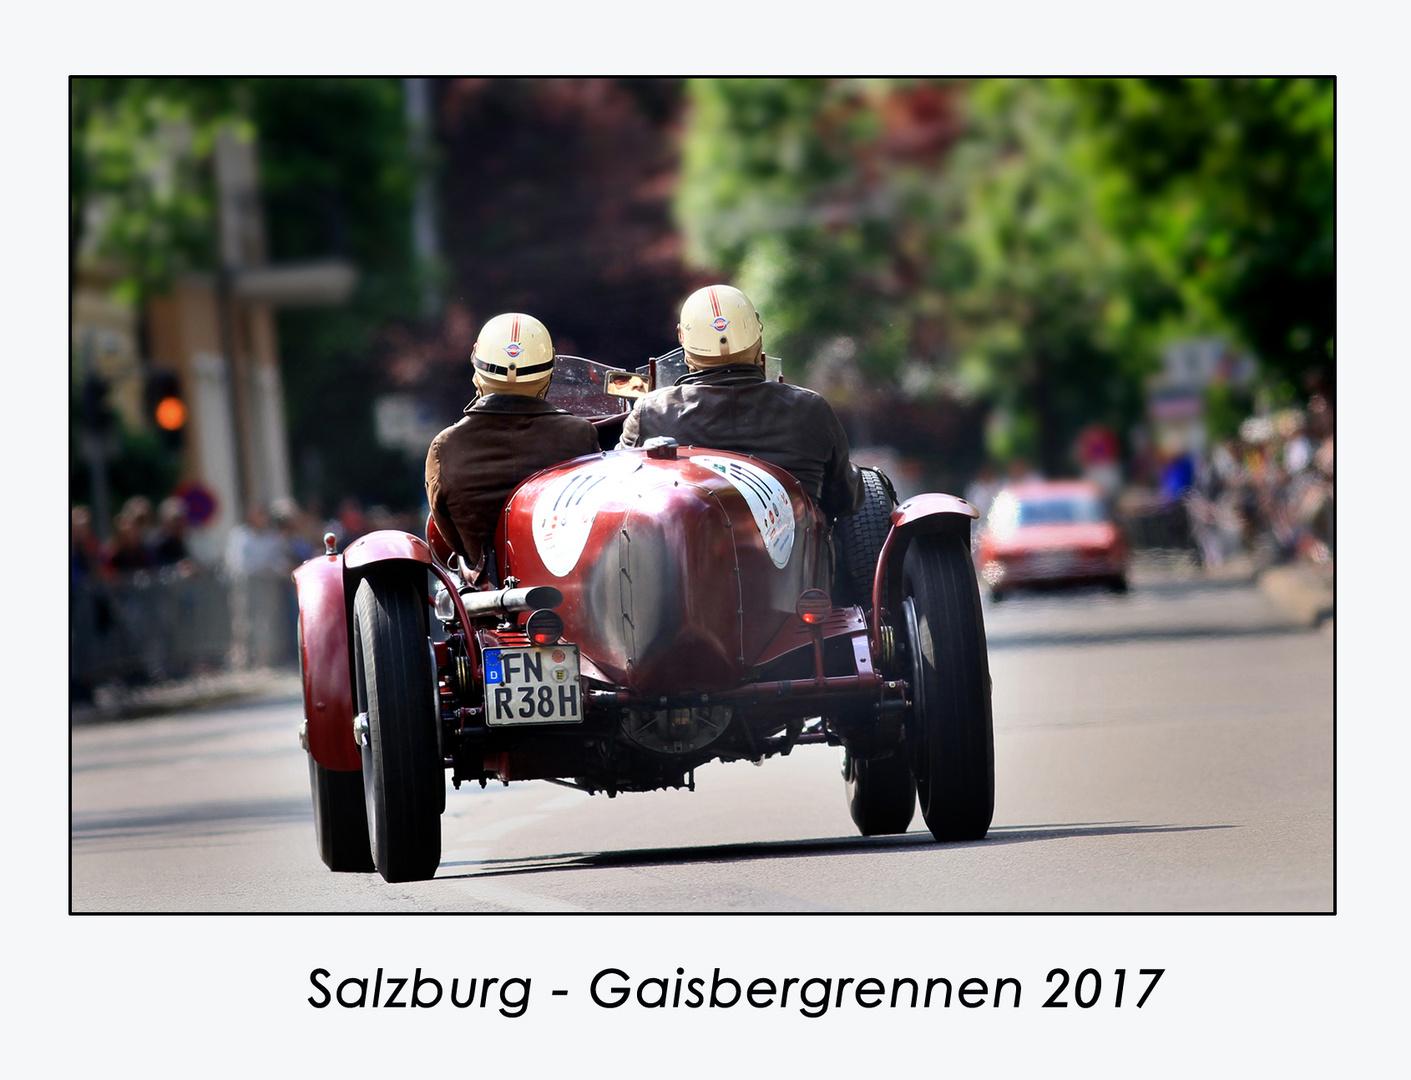 Gaisbergrennen